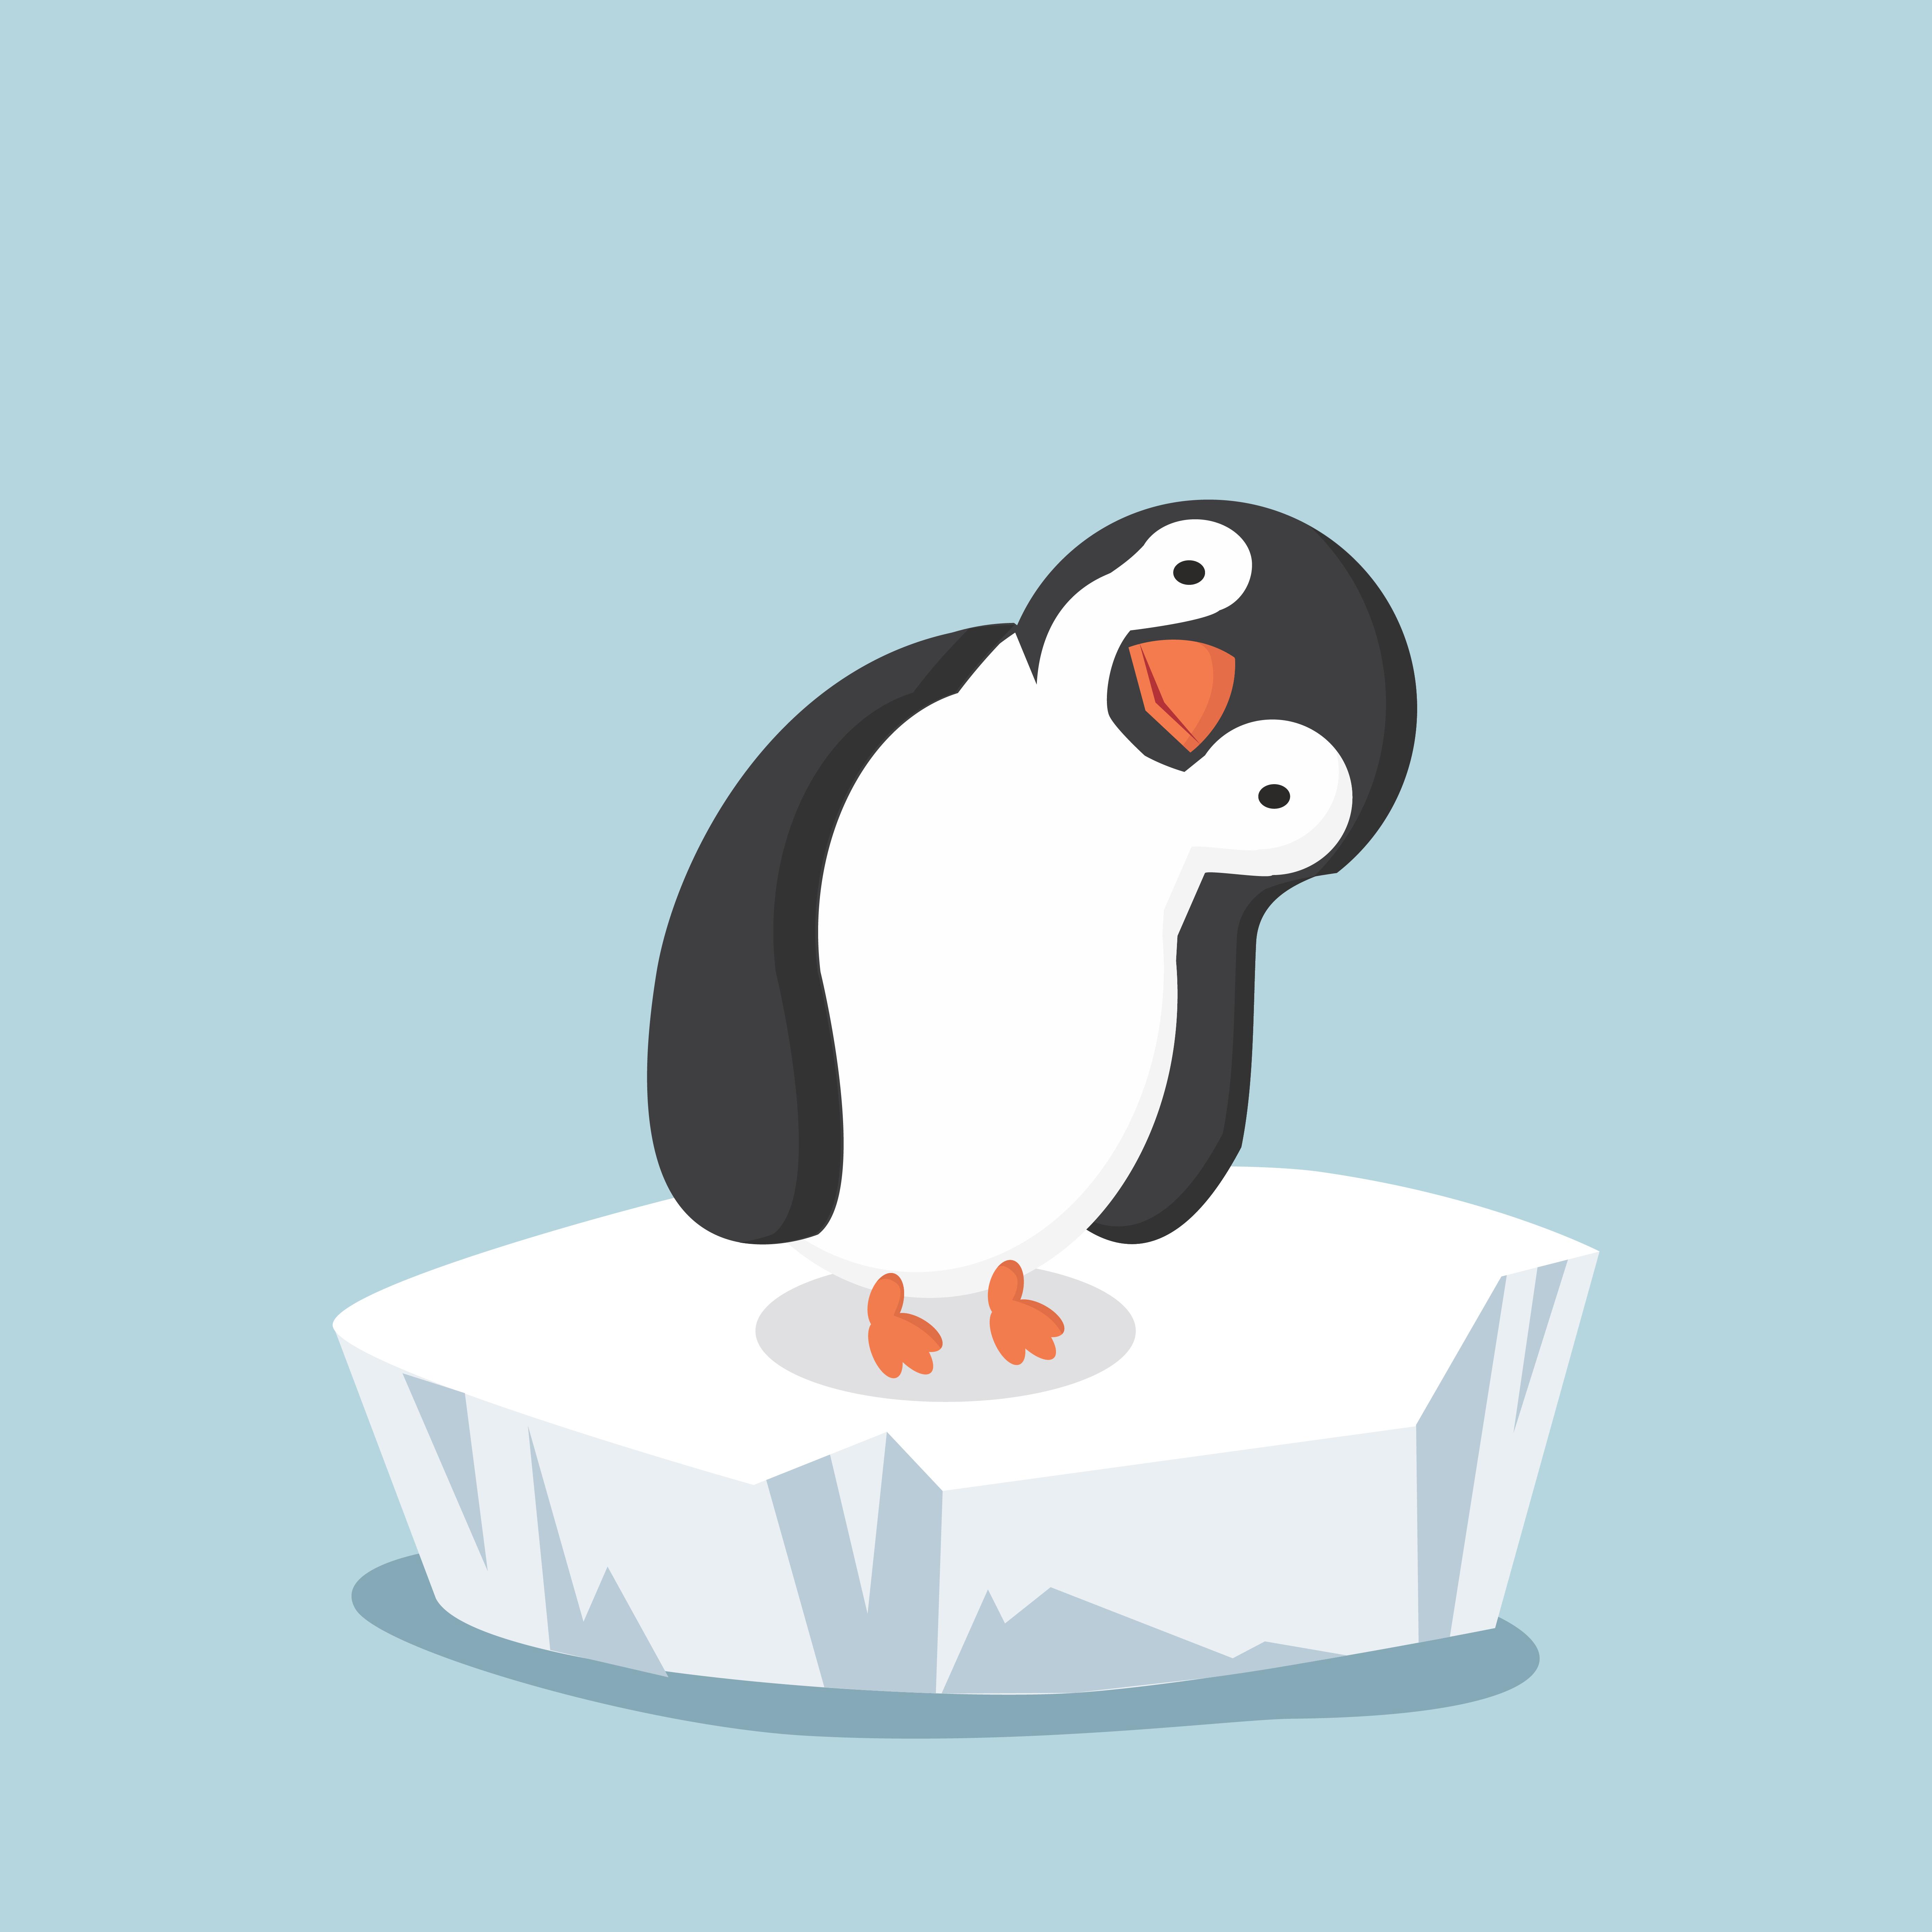 Pingouin Sur La Banquise Telecharger Vectoriel Gratuit Clipart